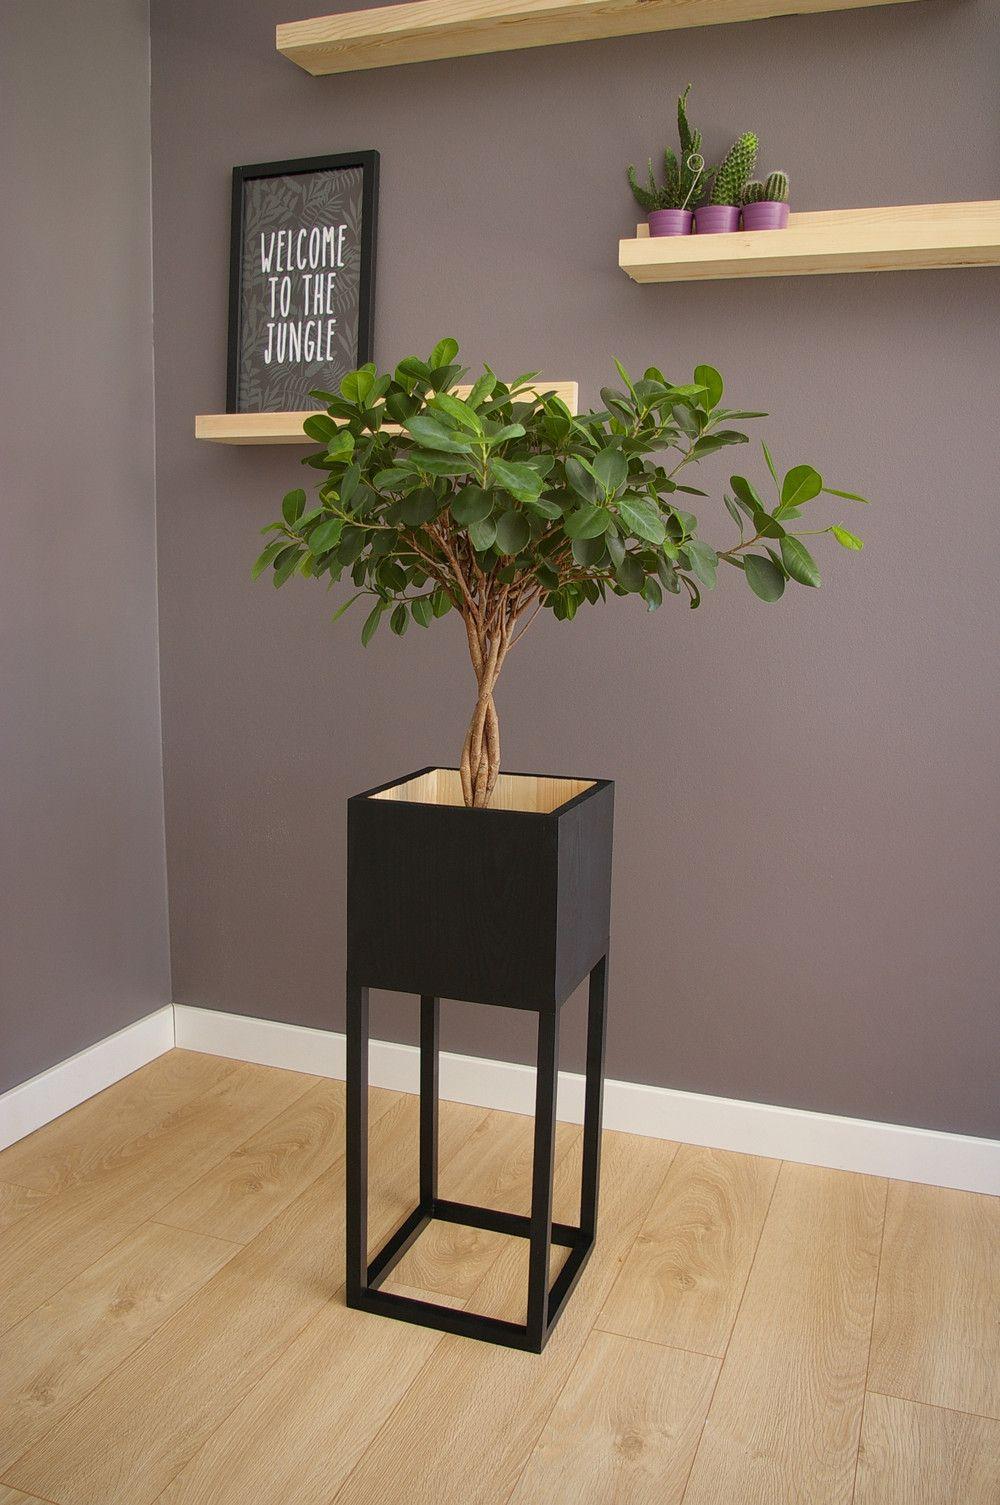 Kwietnik Stojak Na Kwiaty Donice Konsola Lalu Lady Lumberjack Dekoracje Decor Home Decor Plant Design